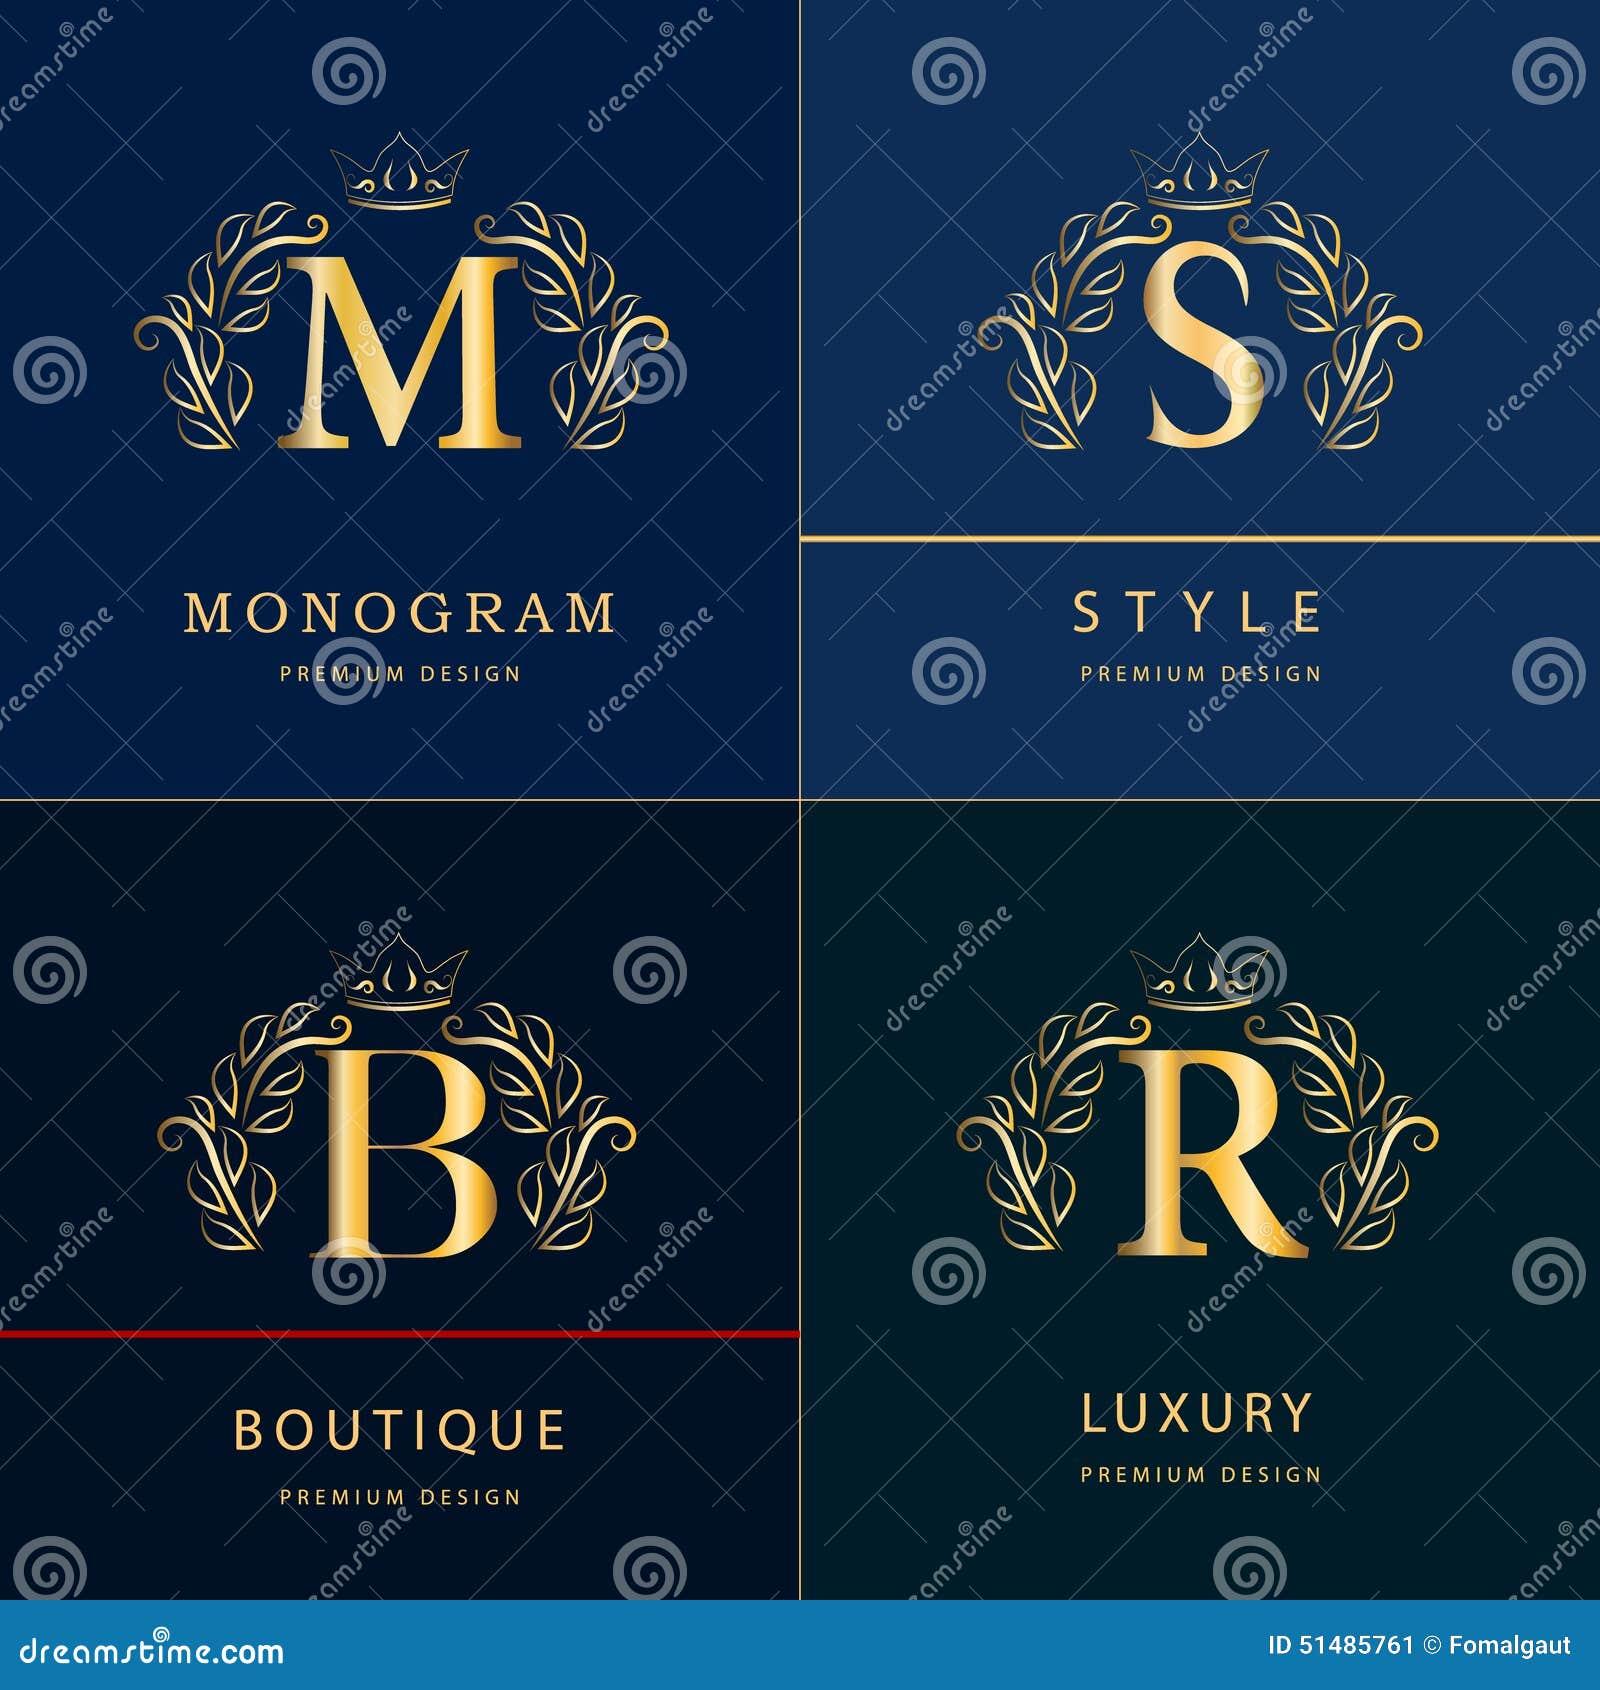 M Bel monogram design elements graceful template line logo design letter b m s r